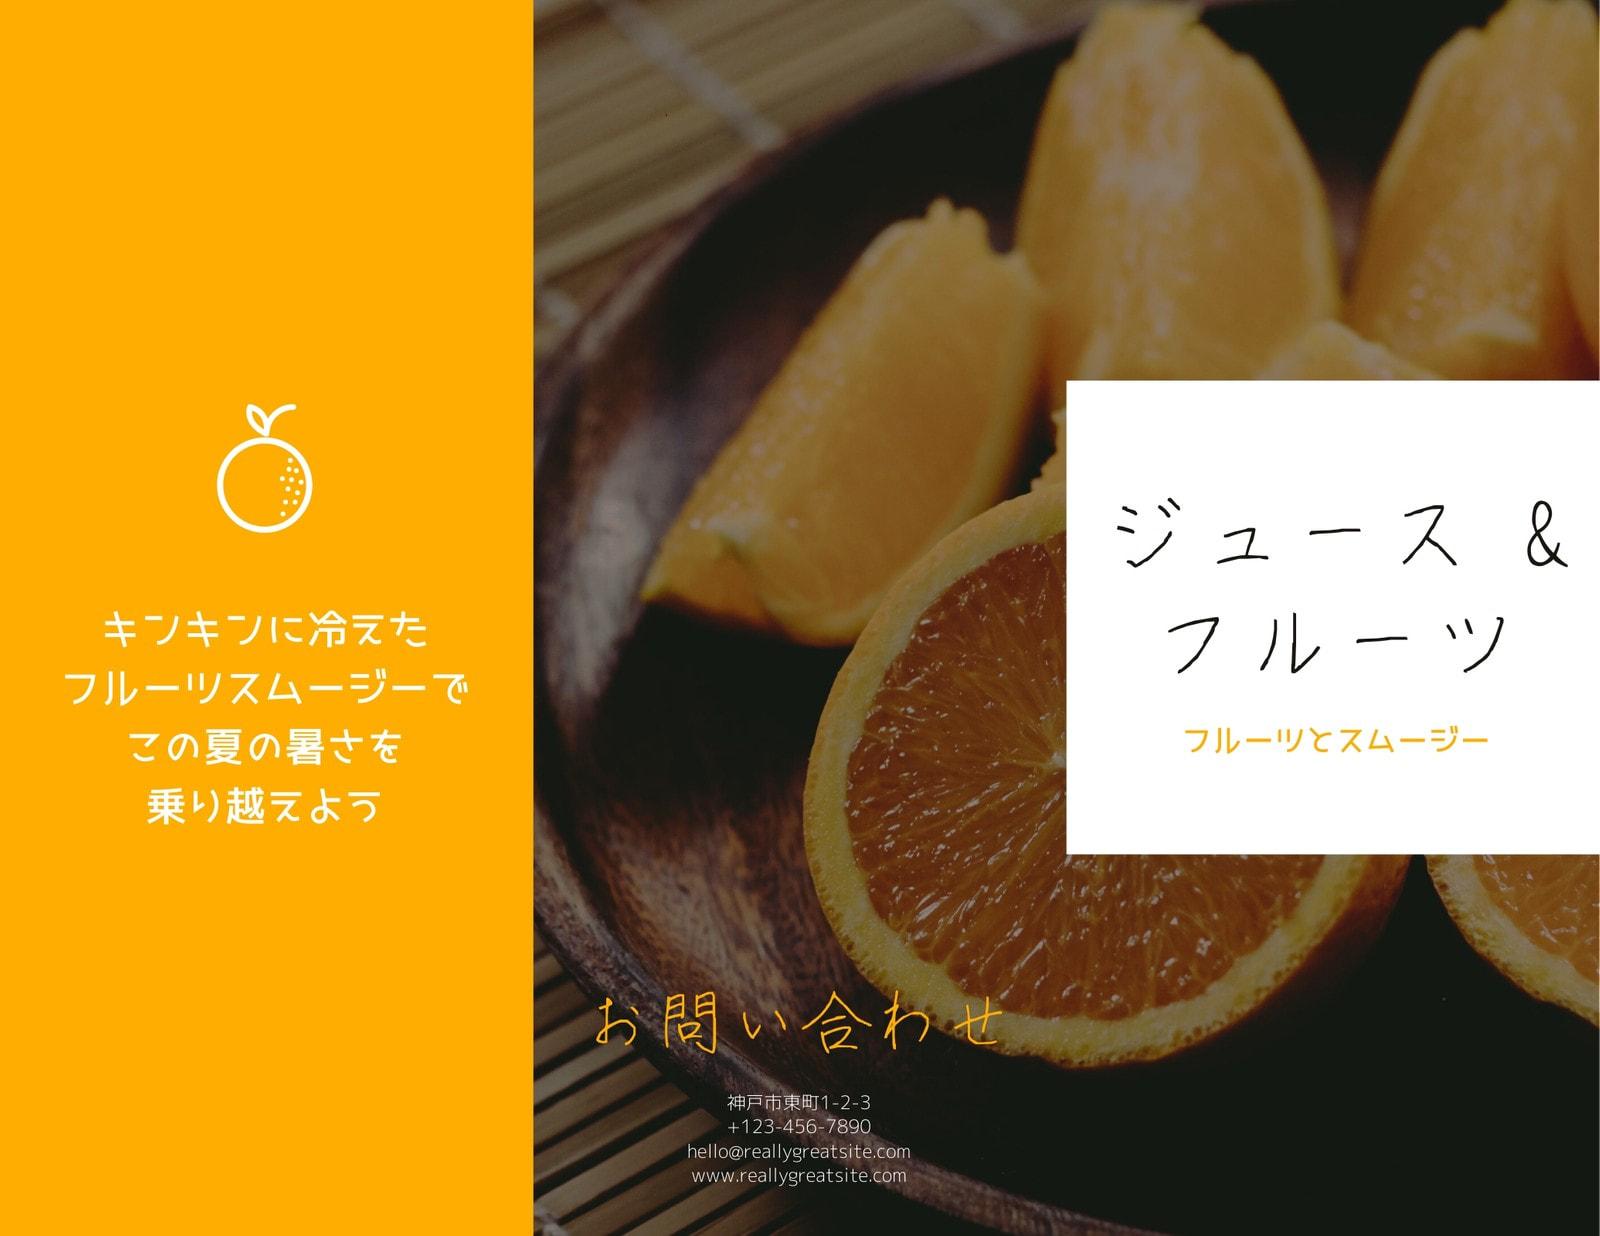 オレンジ フルーツ 販売 三つ折りパンフレット